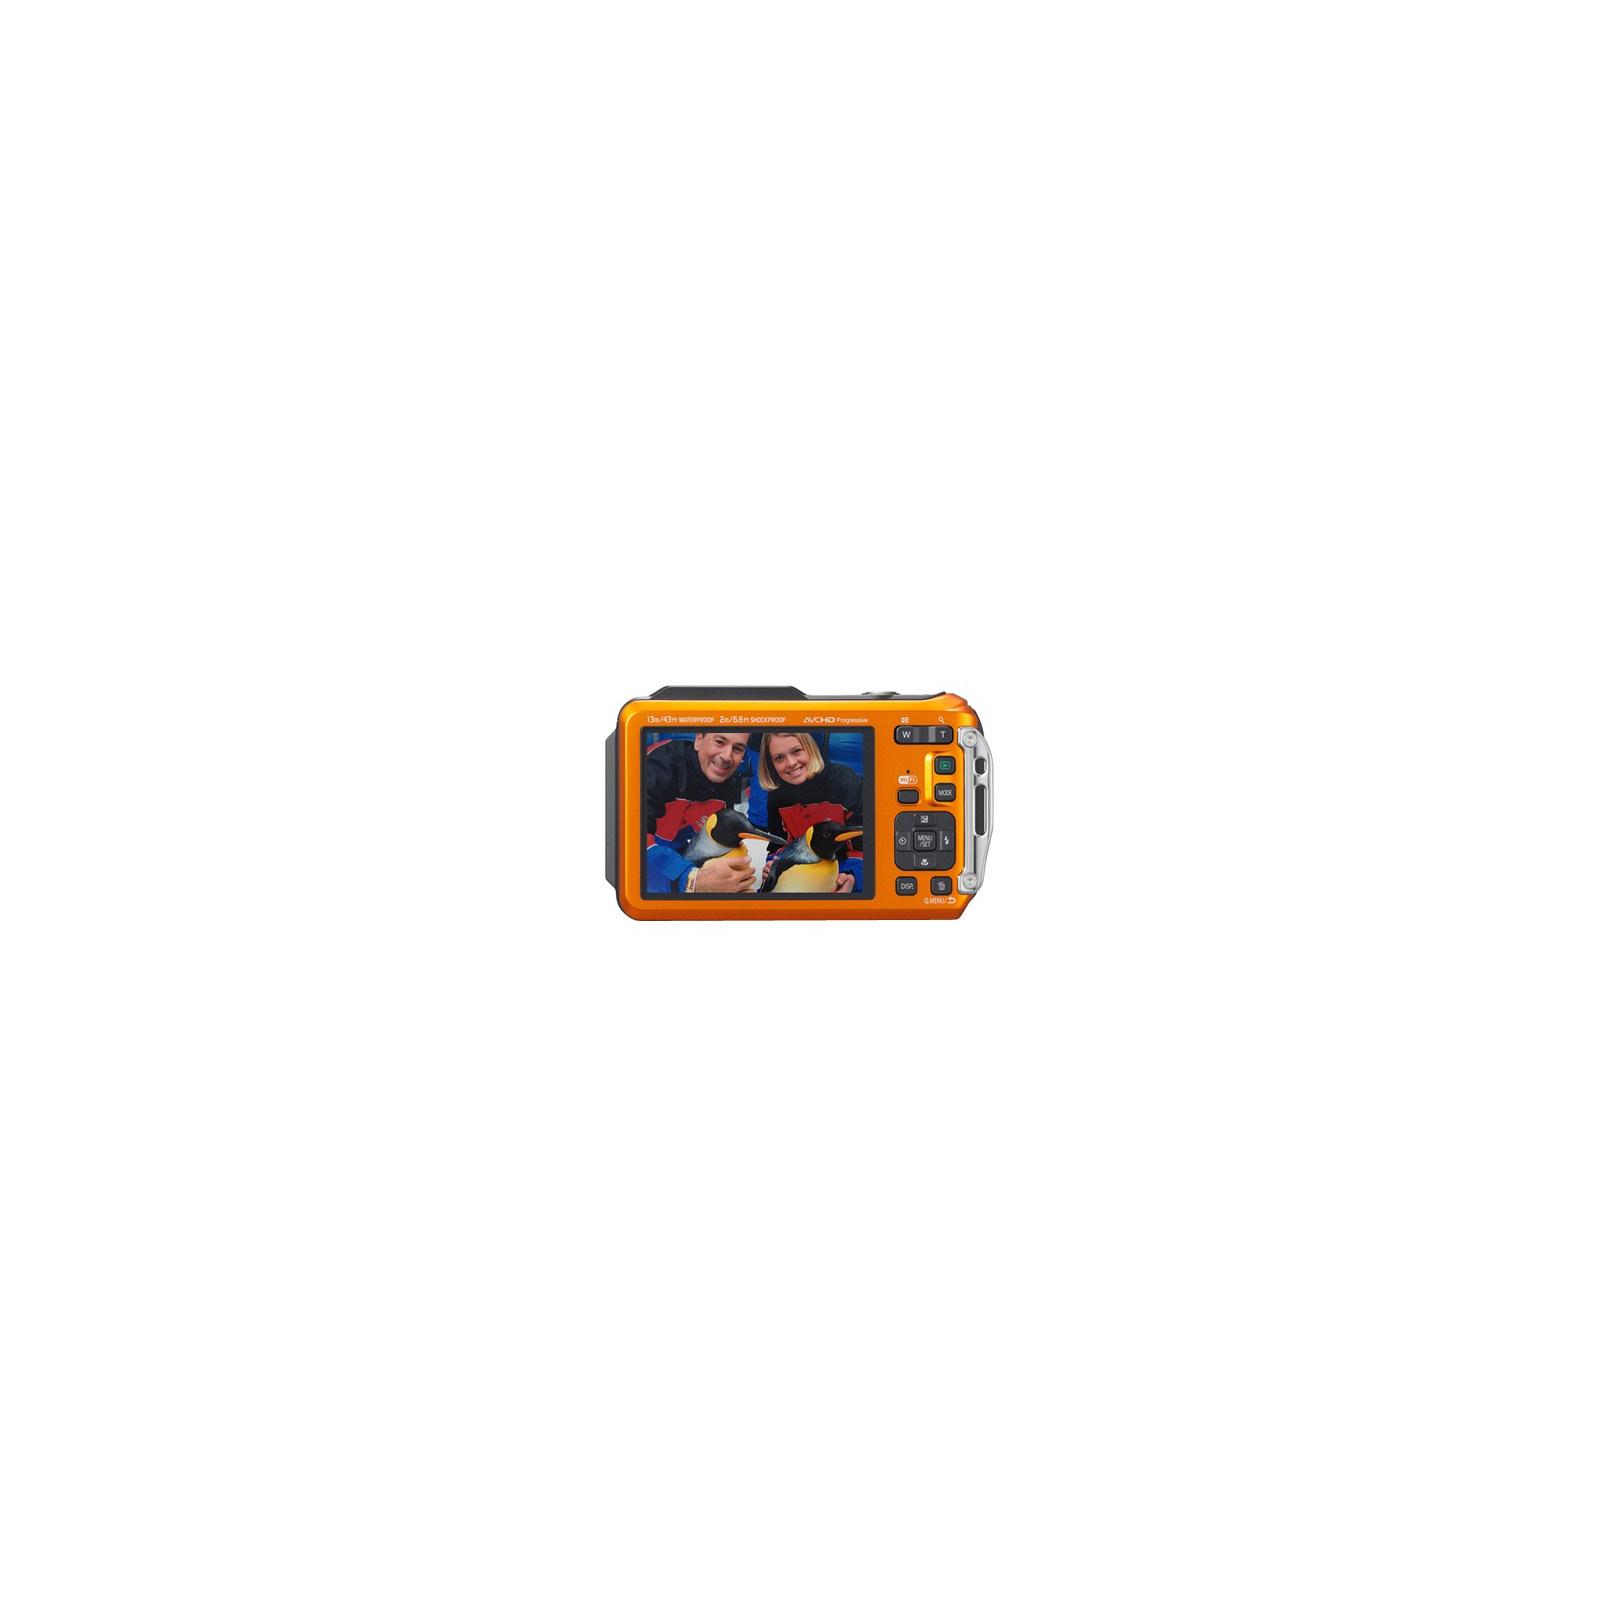 Цифровой фотоаппарат PANASONIC Lumix DMC-FT5 orange (DMC-FT5EA-D) изображение 2